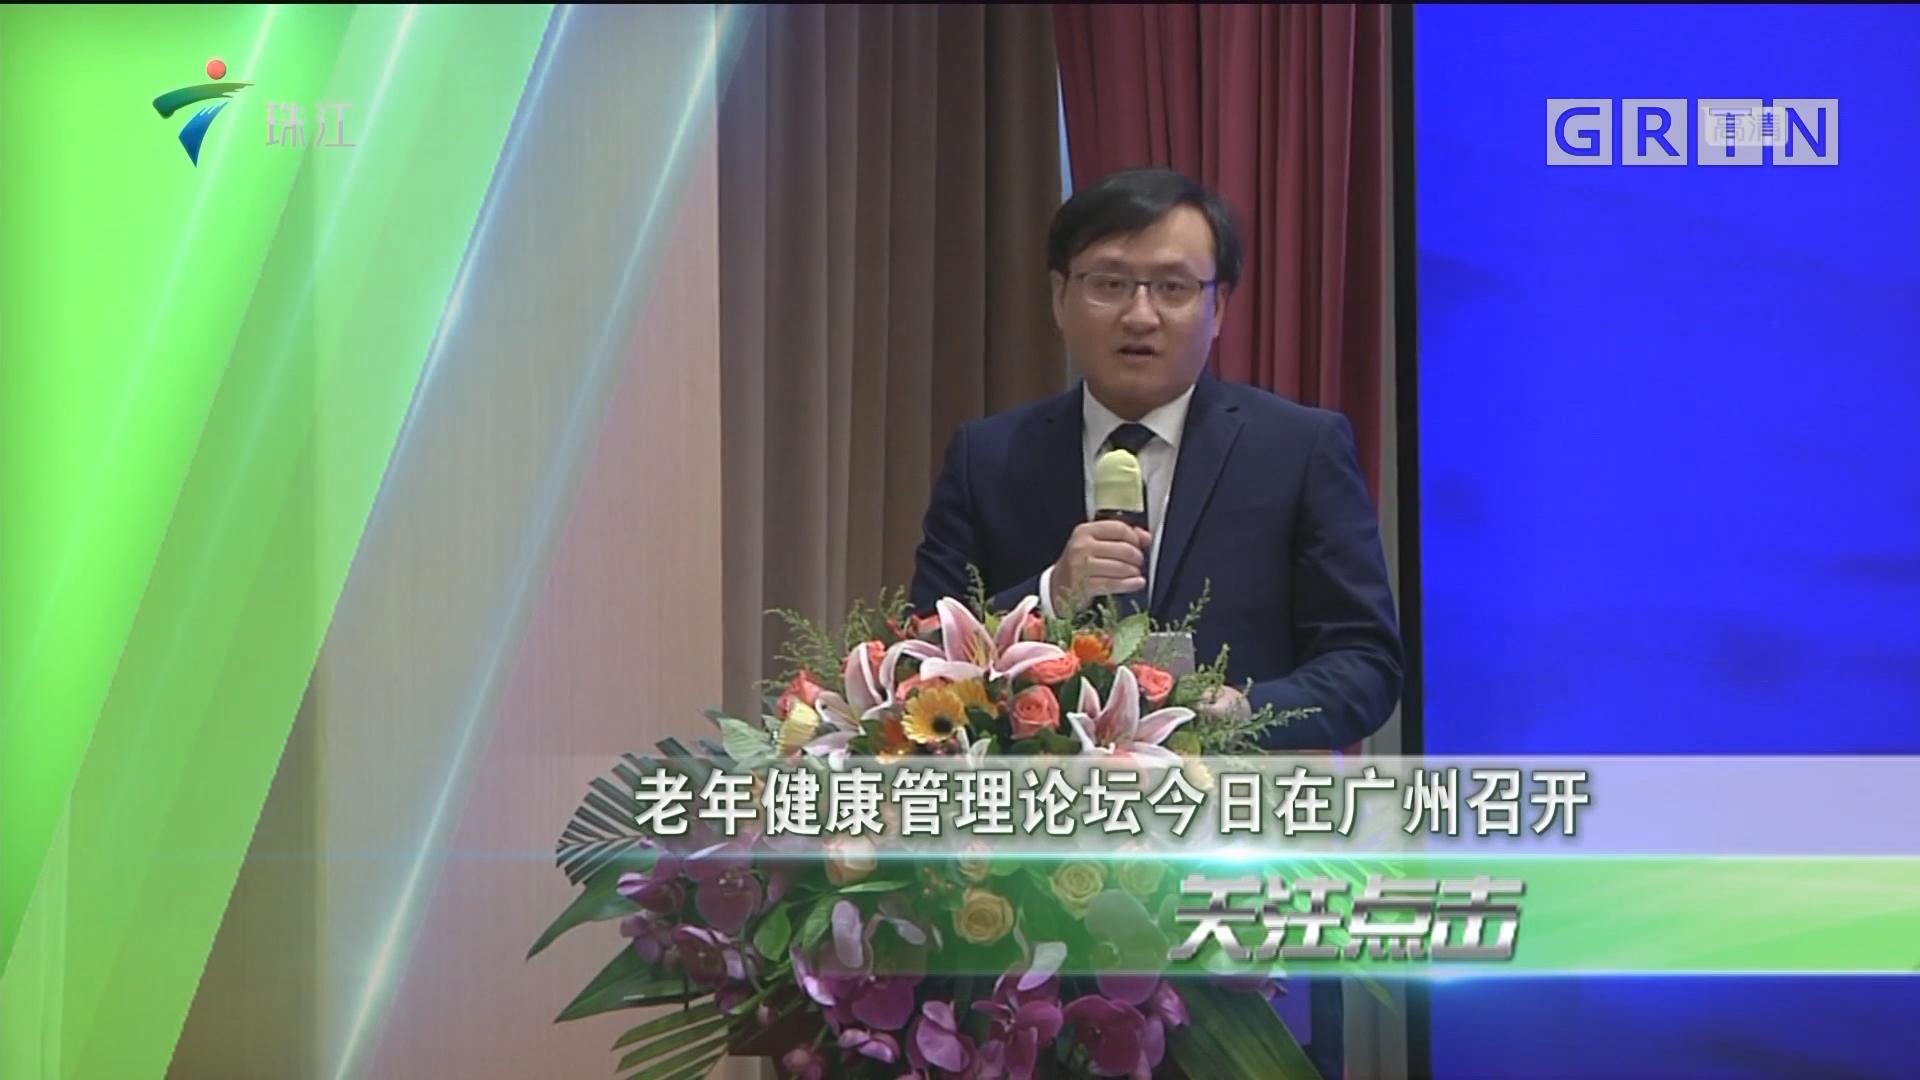 老年健康管理论坛今日在广州召开